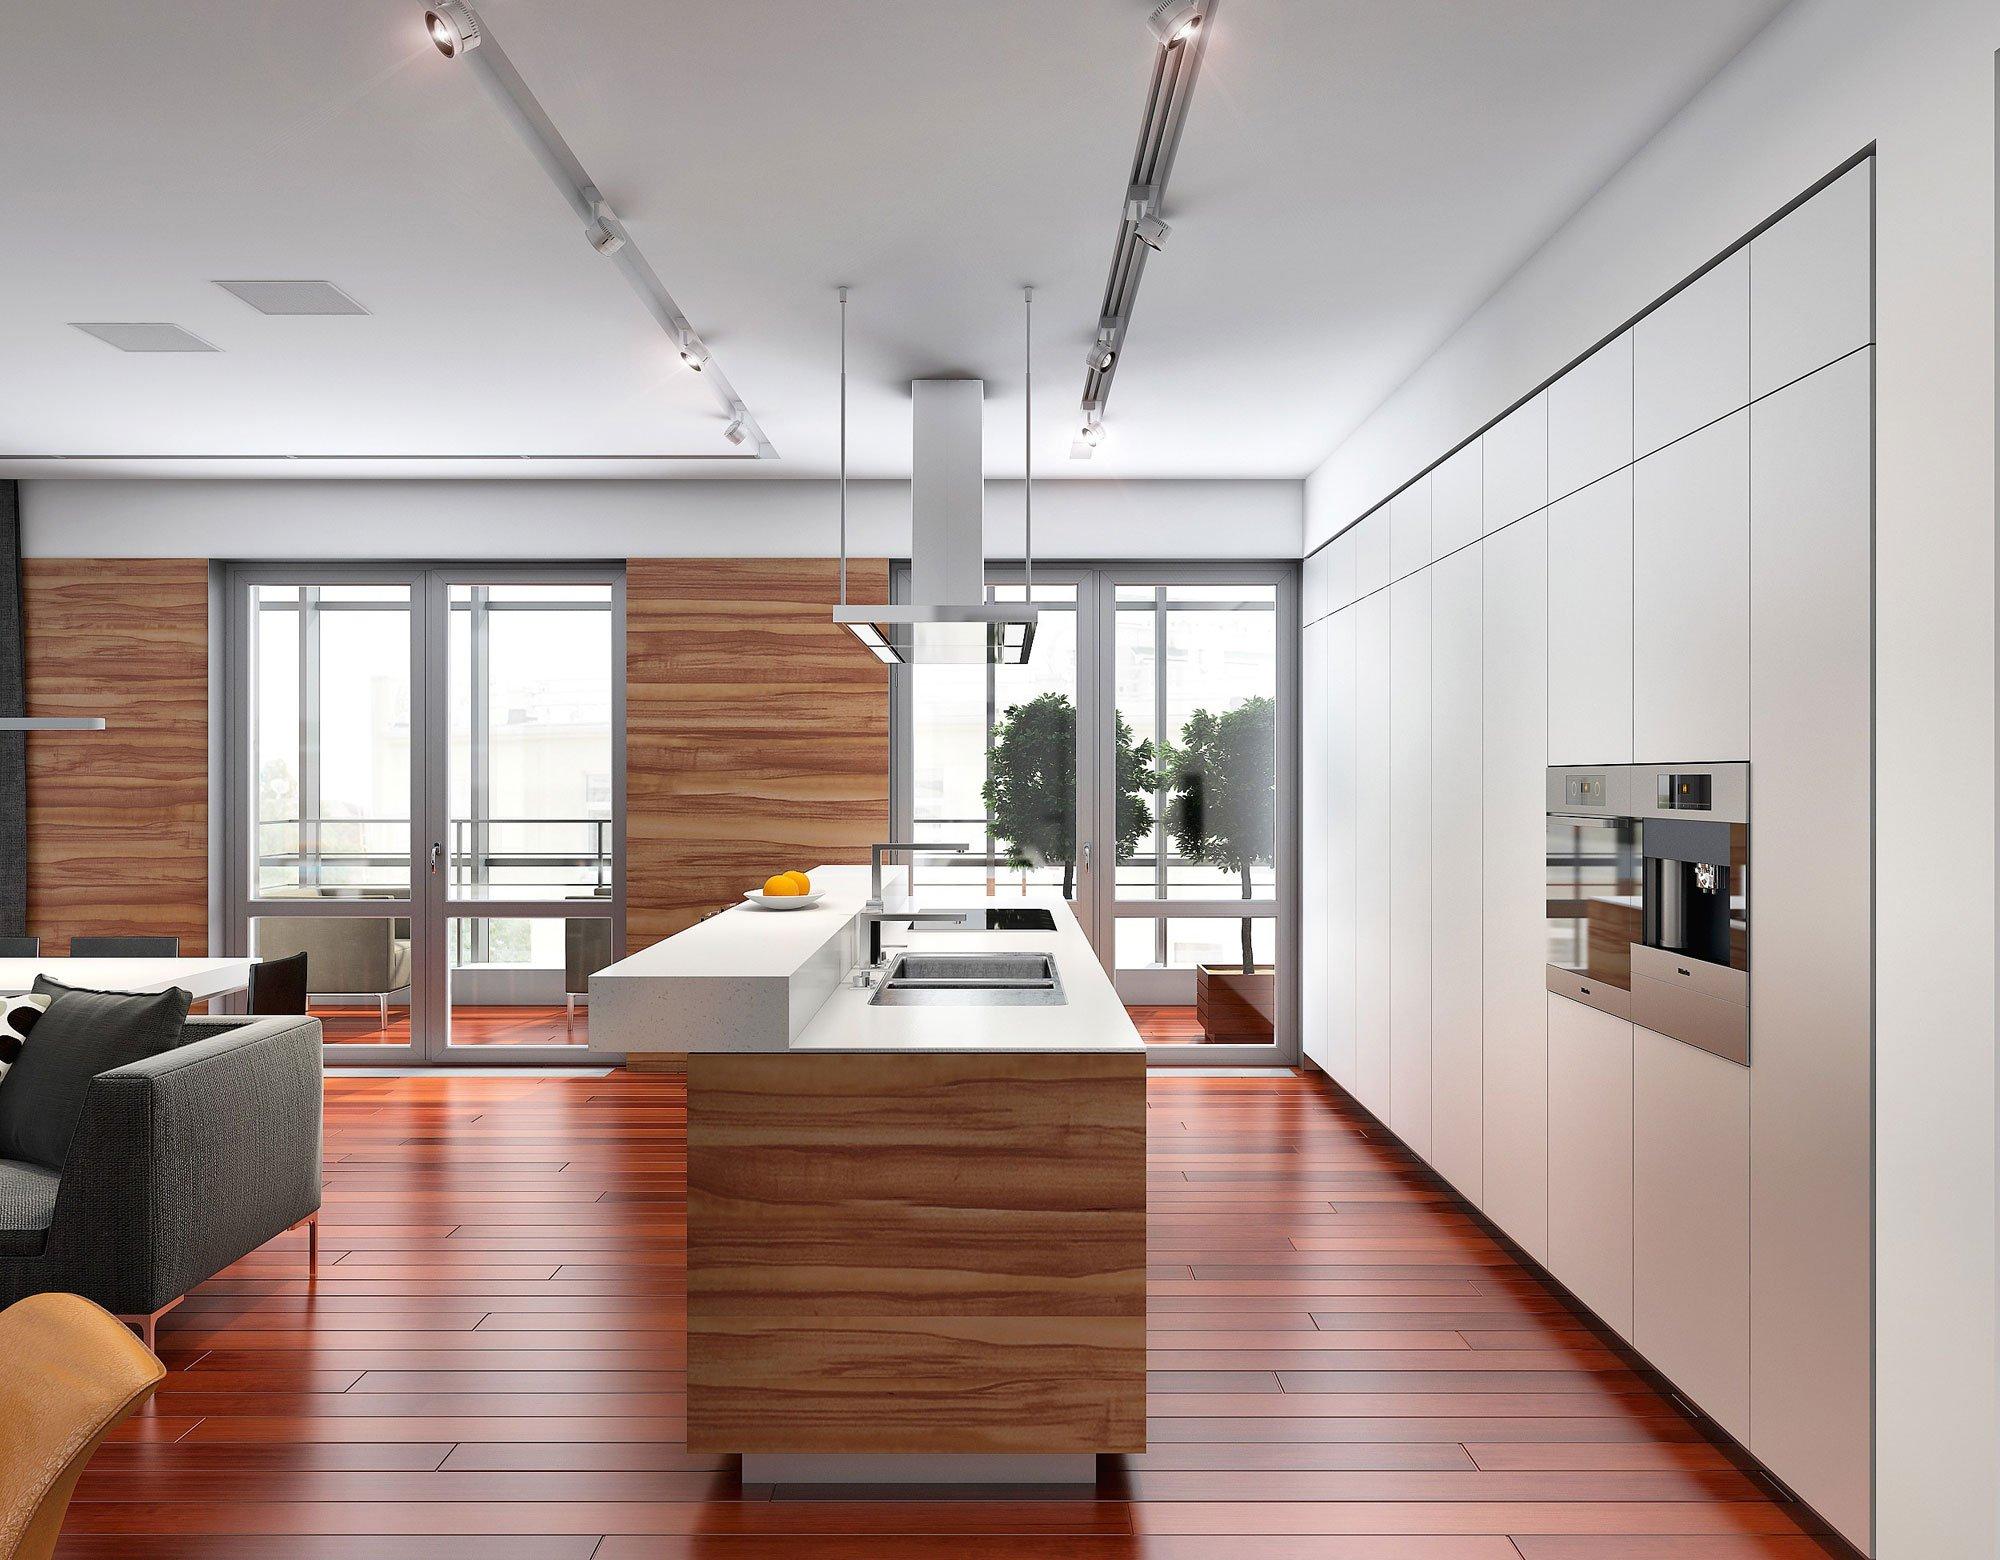 Plano de departamento de tres dormitorios - Cocinas de isla modernas ...